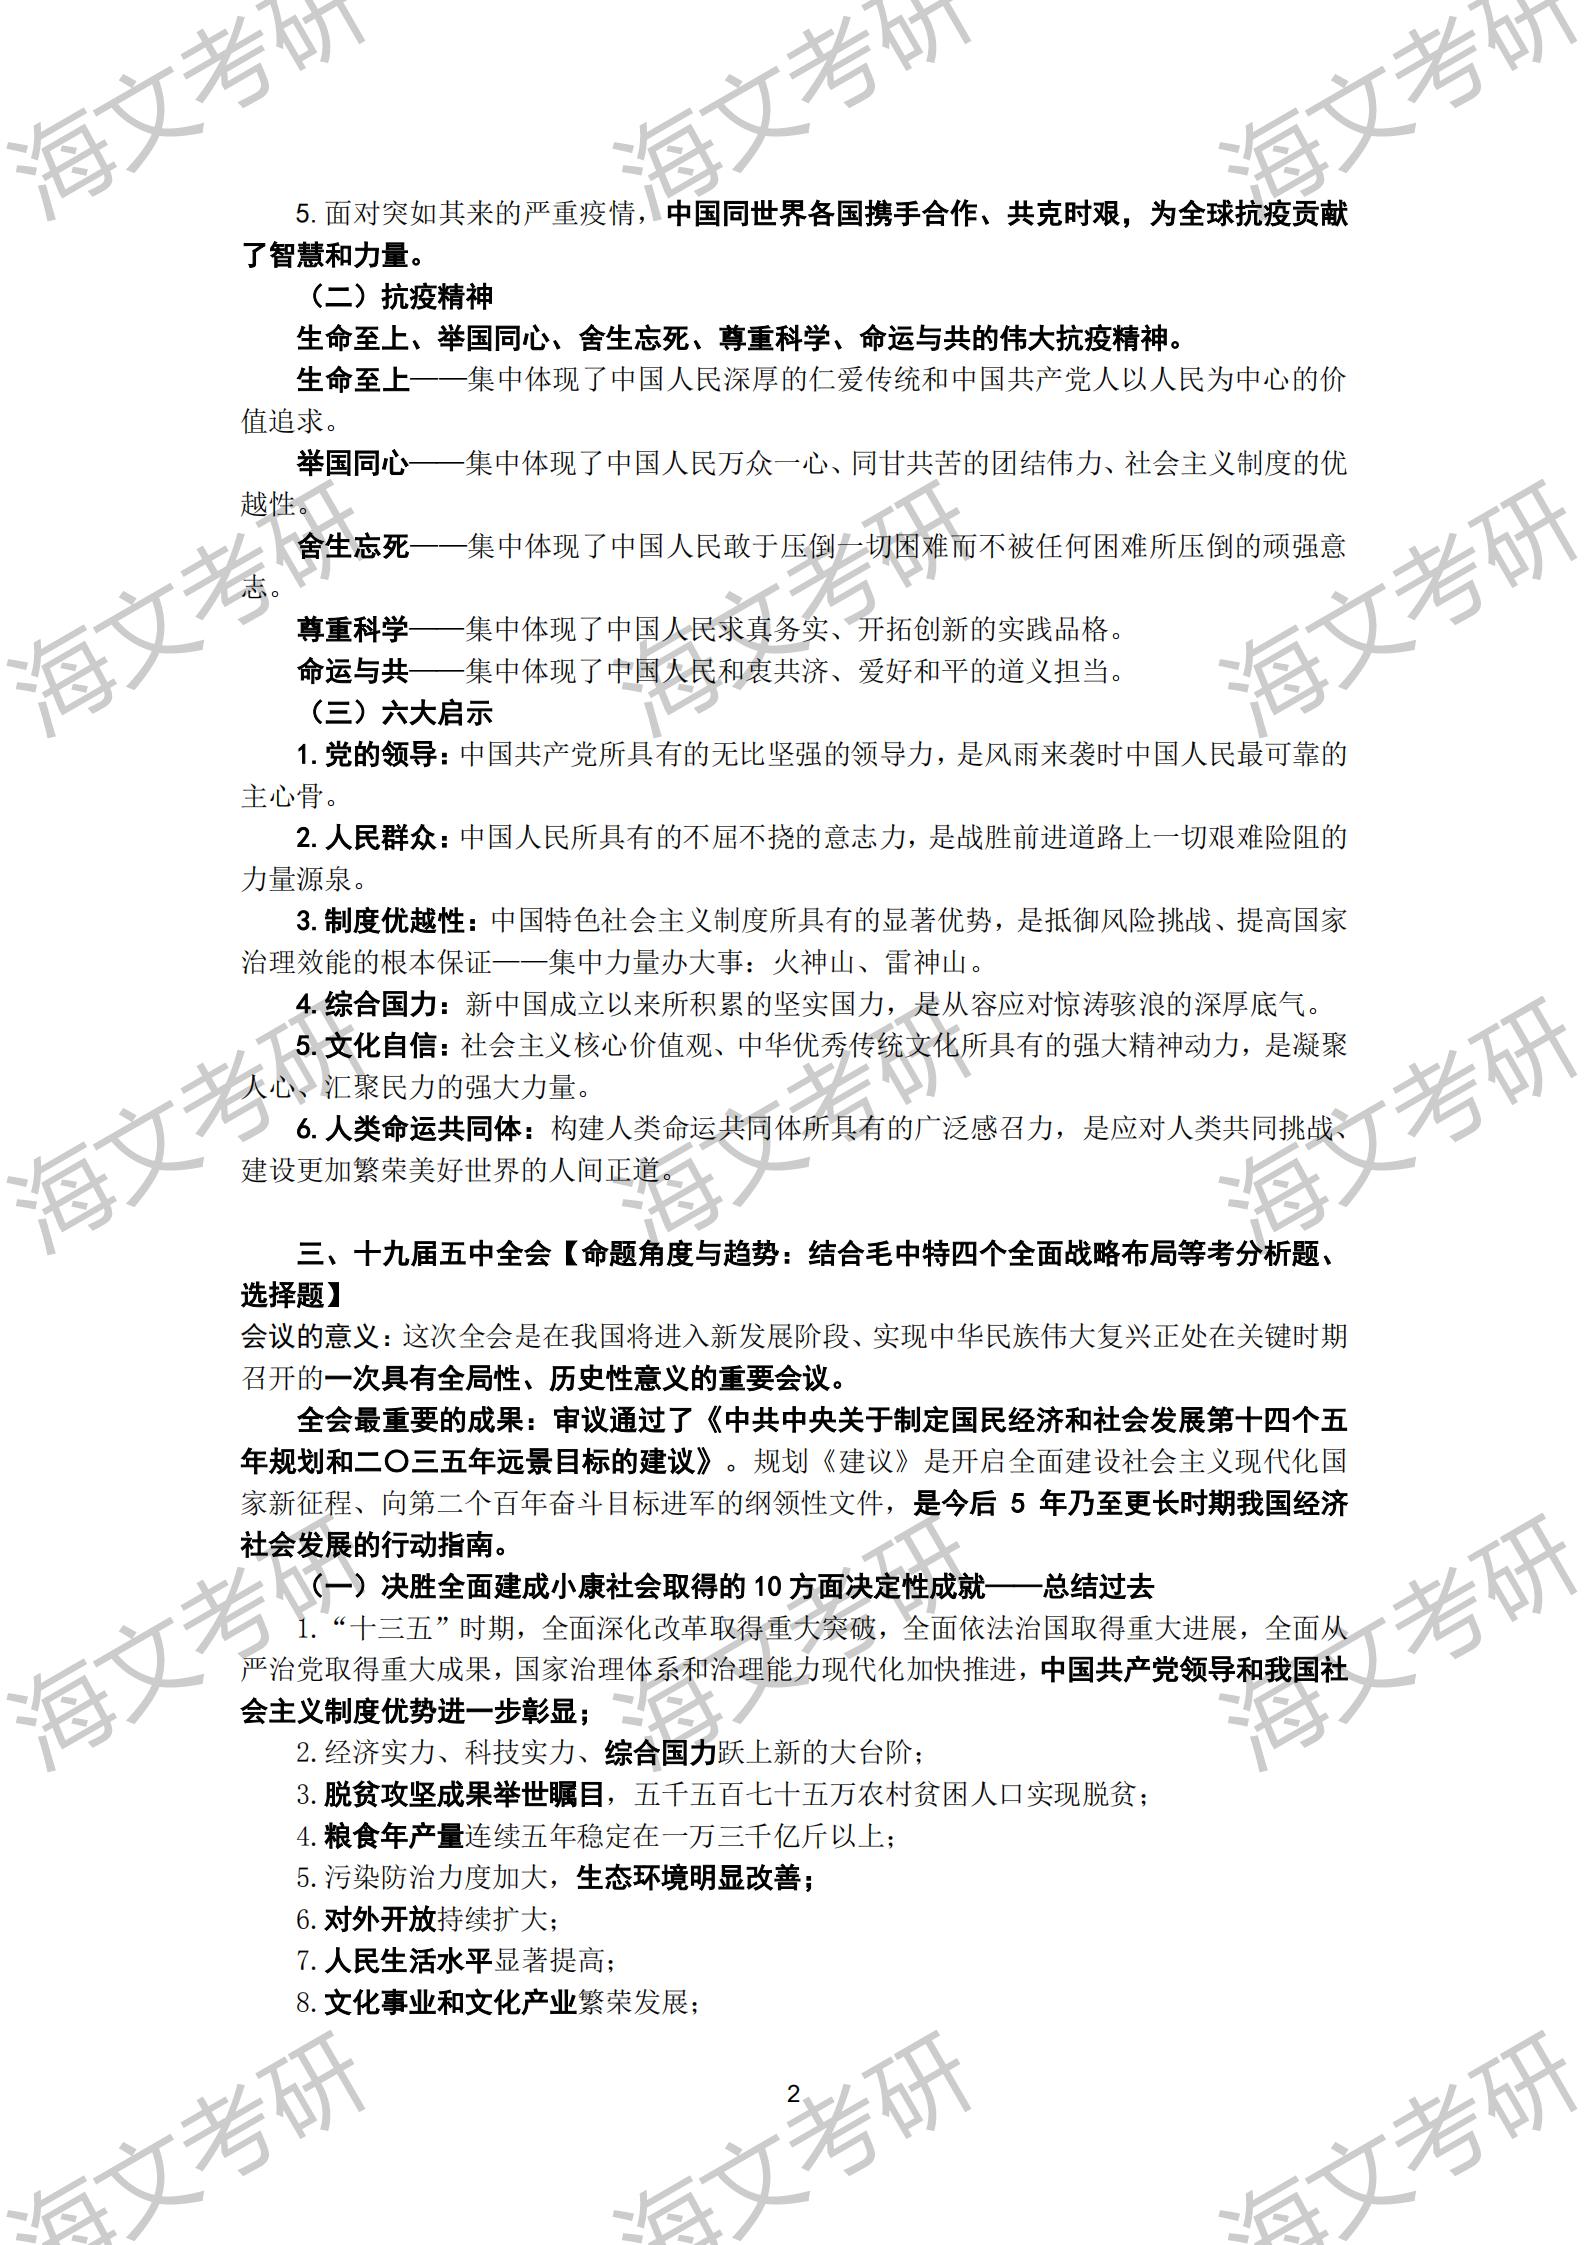 【考研政治】2021考研政治考前必背(用于冲刺全科)_01.png